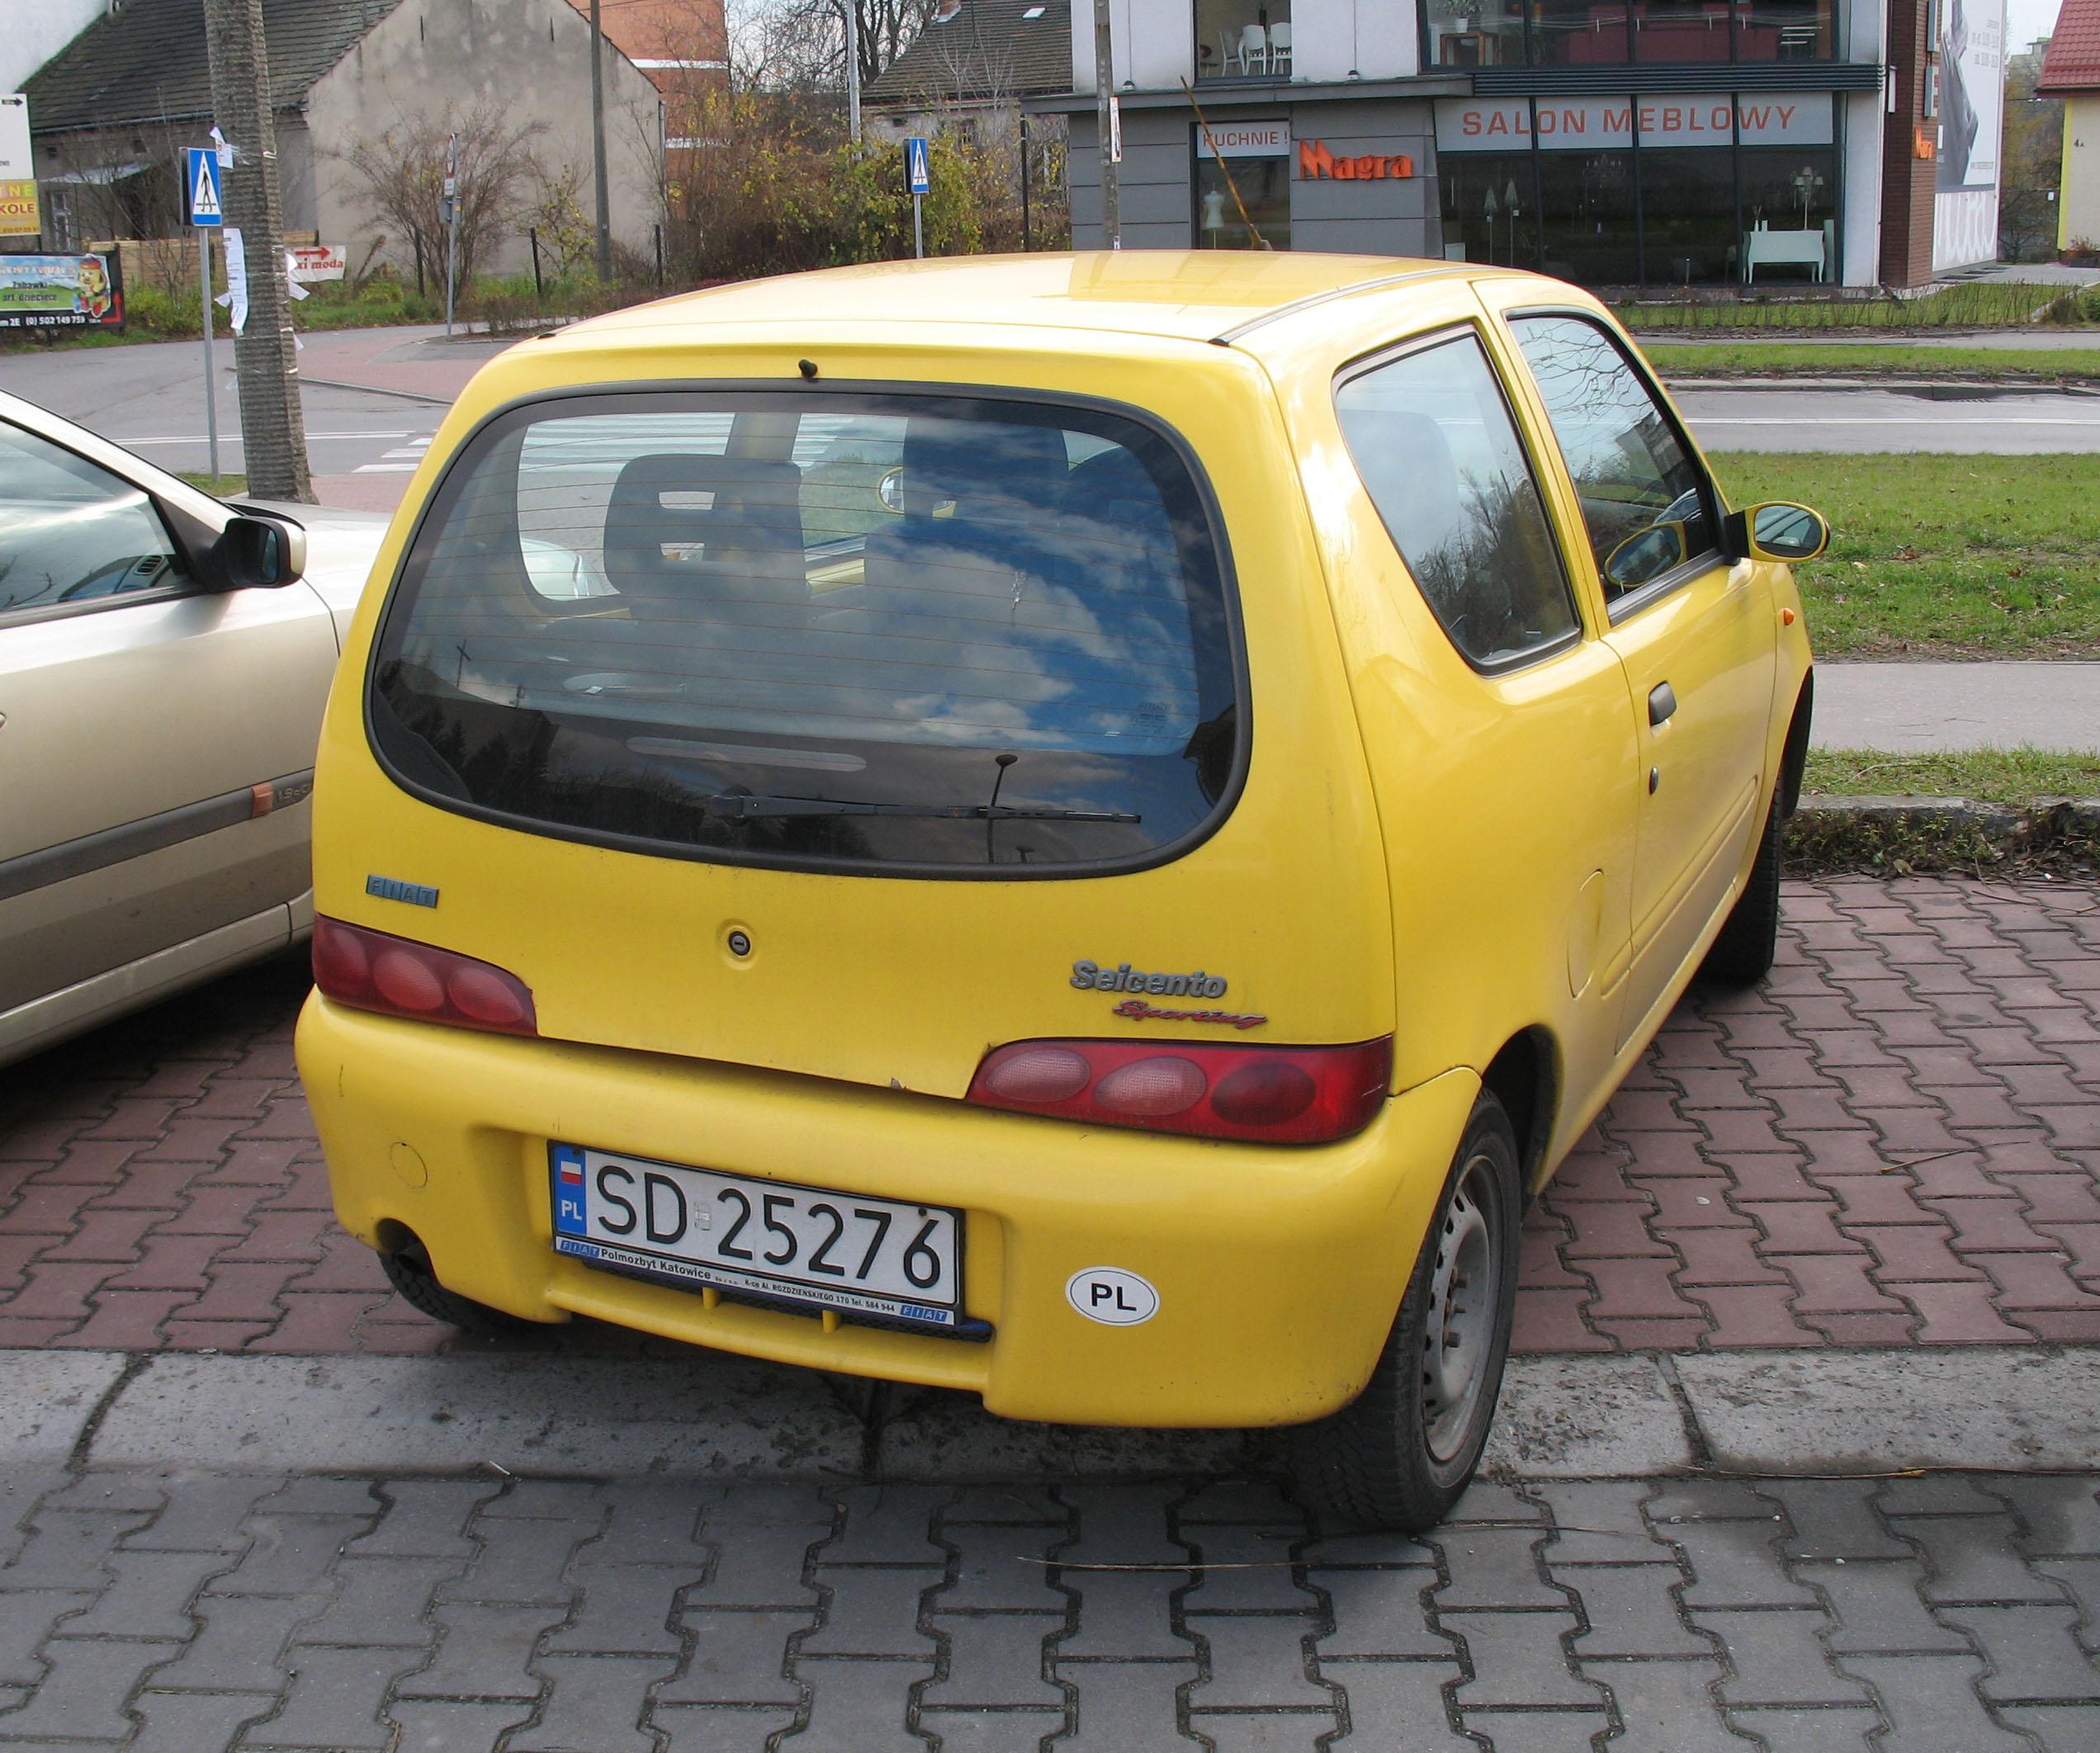 Fiat Seicento Sporting Modified File:fiat Seicento Sporting